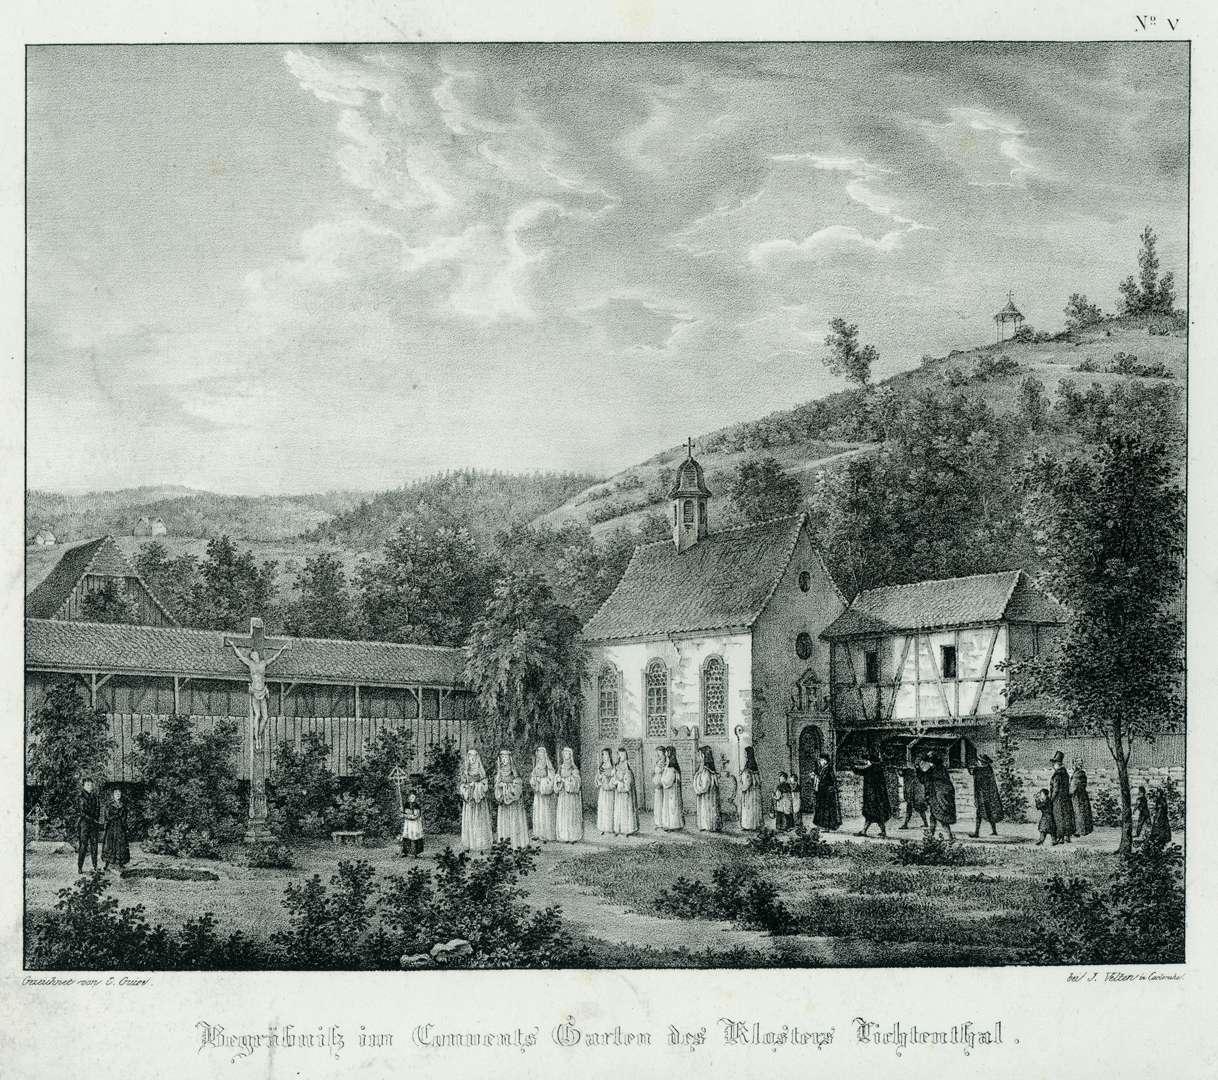 Begräbniß im Convents Garten des Klosters Lichtenthal, Bild 1